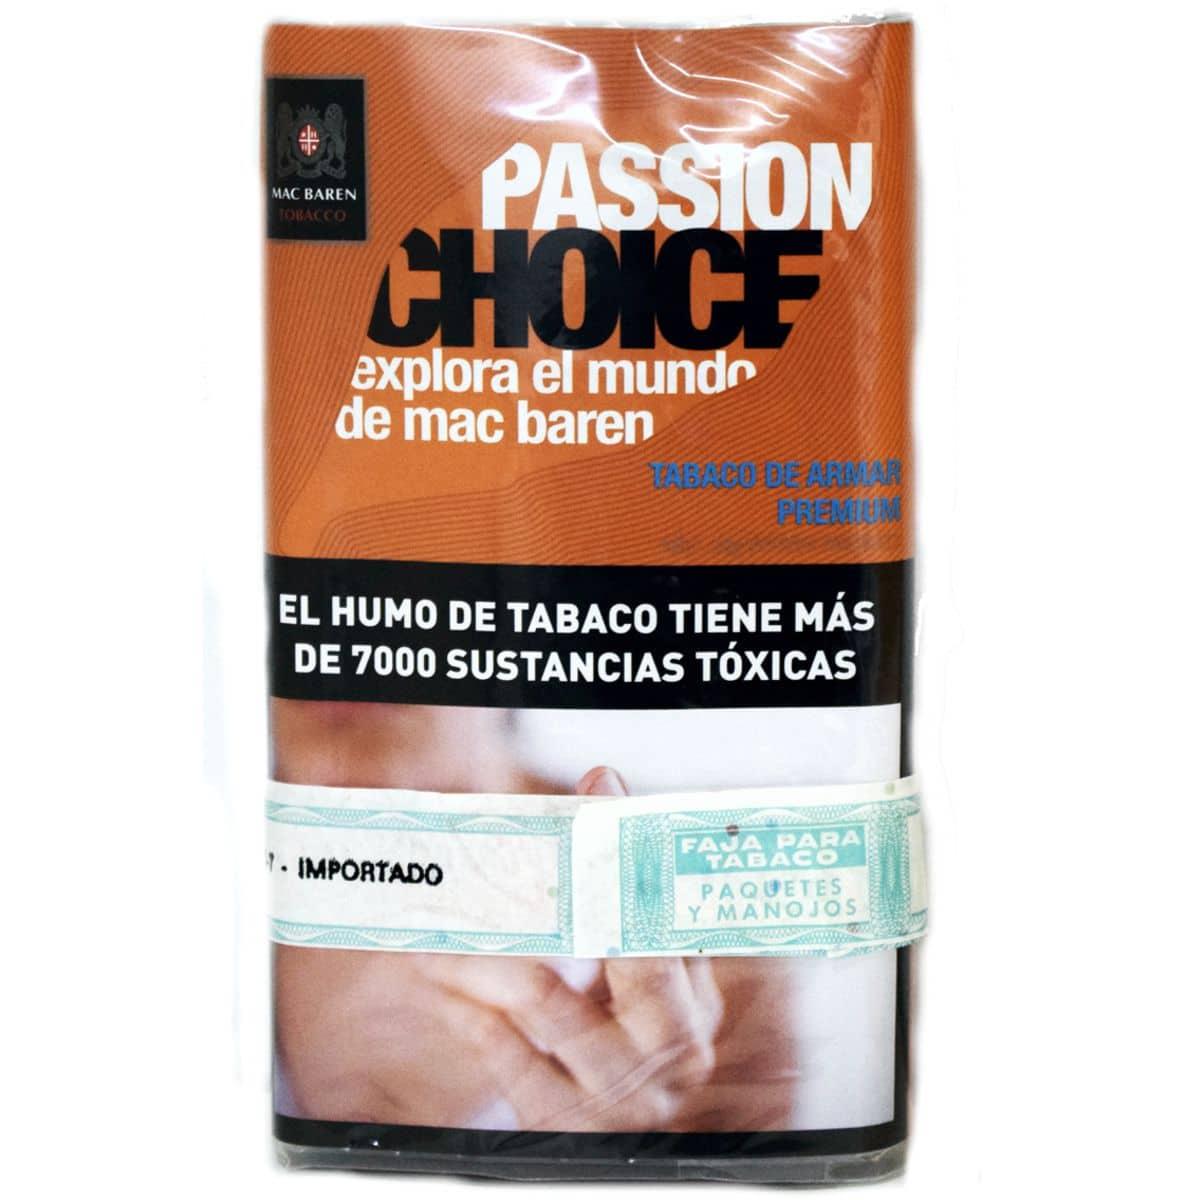 tabaco mac baren passion precio